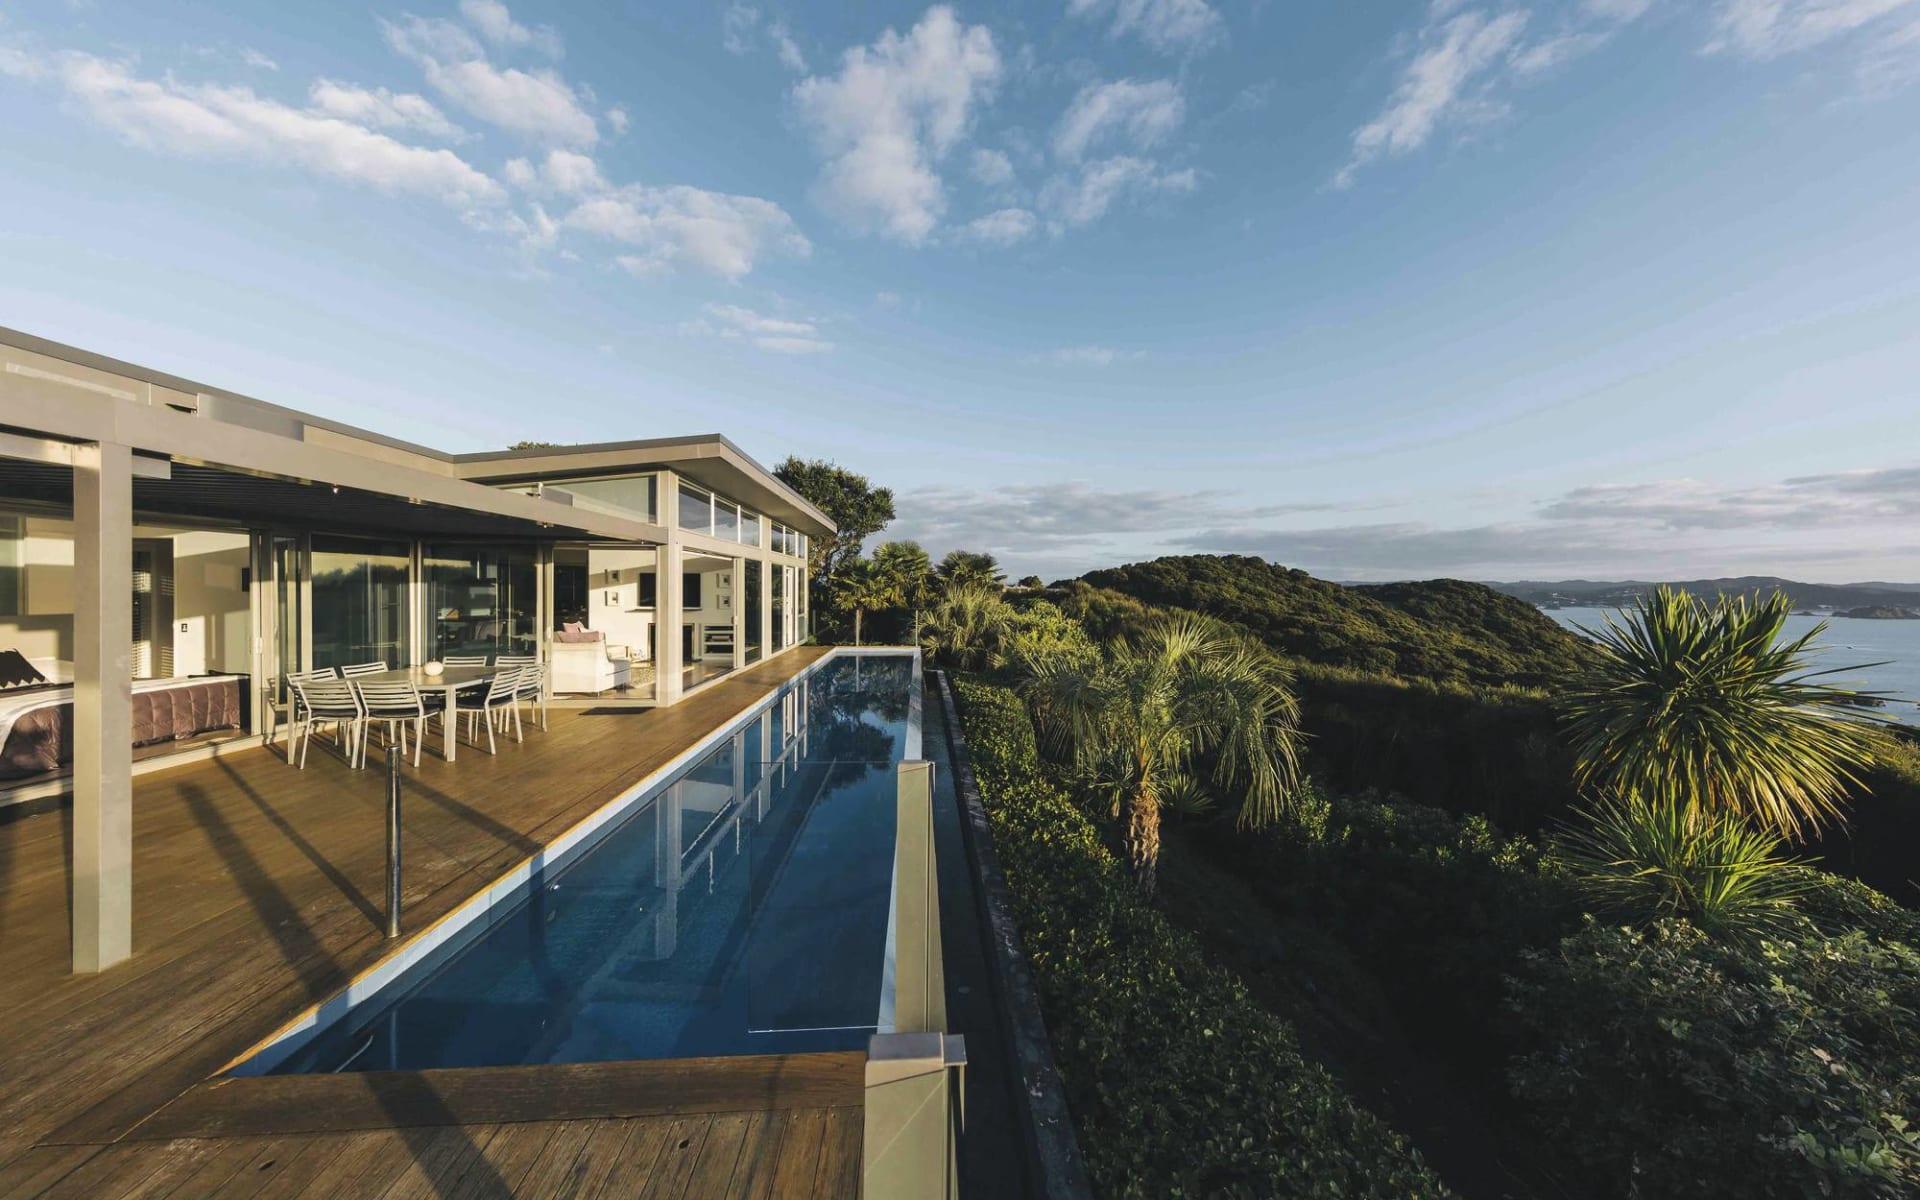 Eagles Nest in Russell: Exterior Eagles Spirit - Haus mit Pool von aussen mit Aussicht